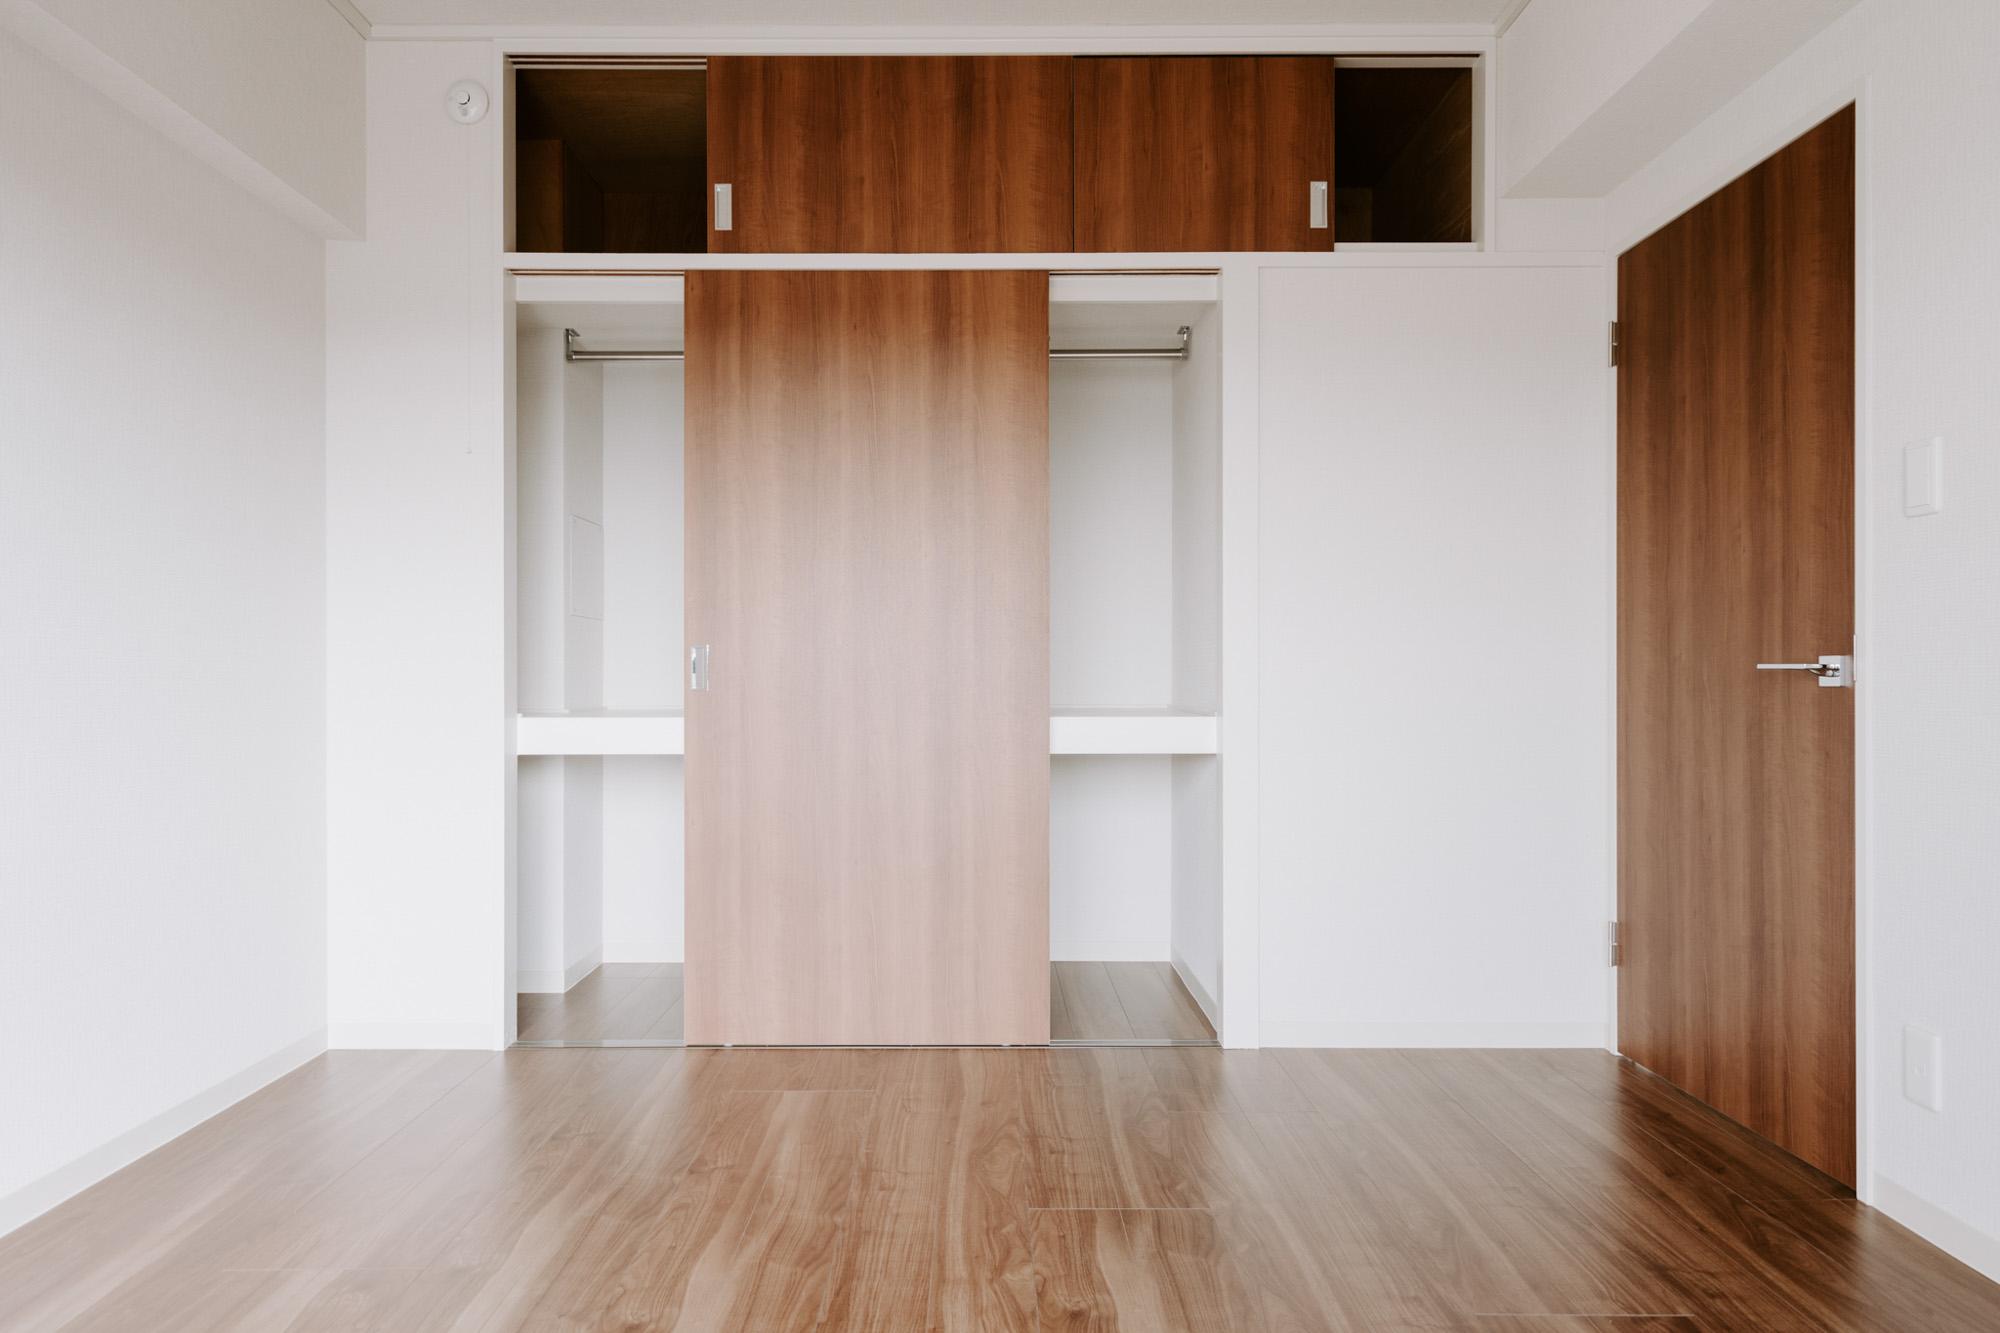 元は和室だったお部屋、フローリングになったのはもちろん、元押し入れの収納は奥行きもあり、しっかりハンガーパイプも設置されているので、収納力抜群です。